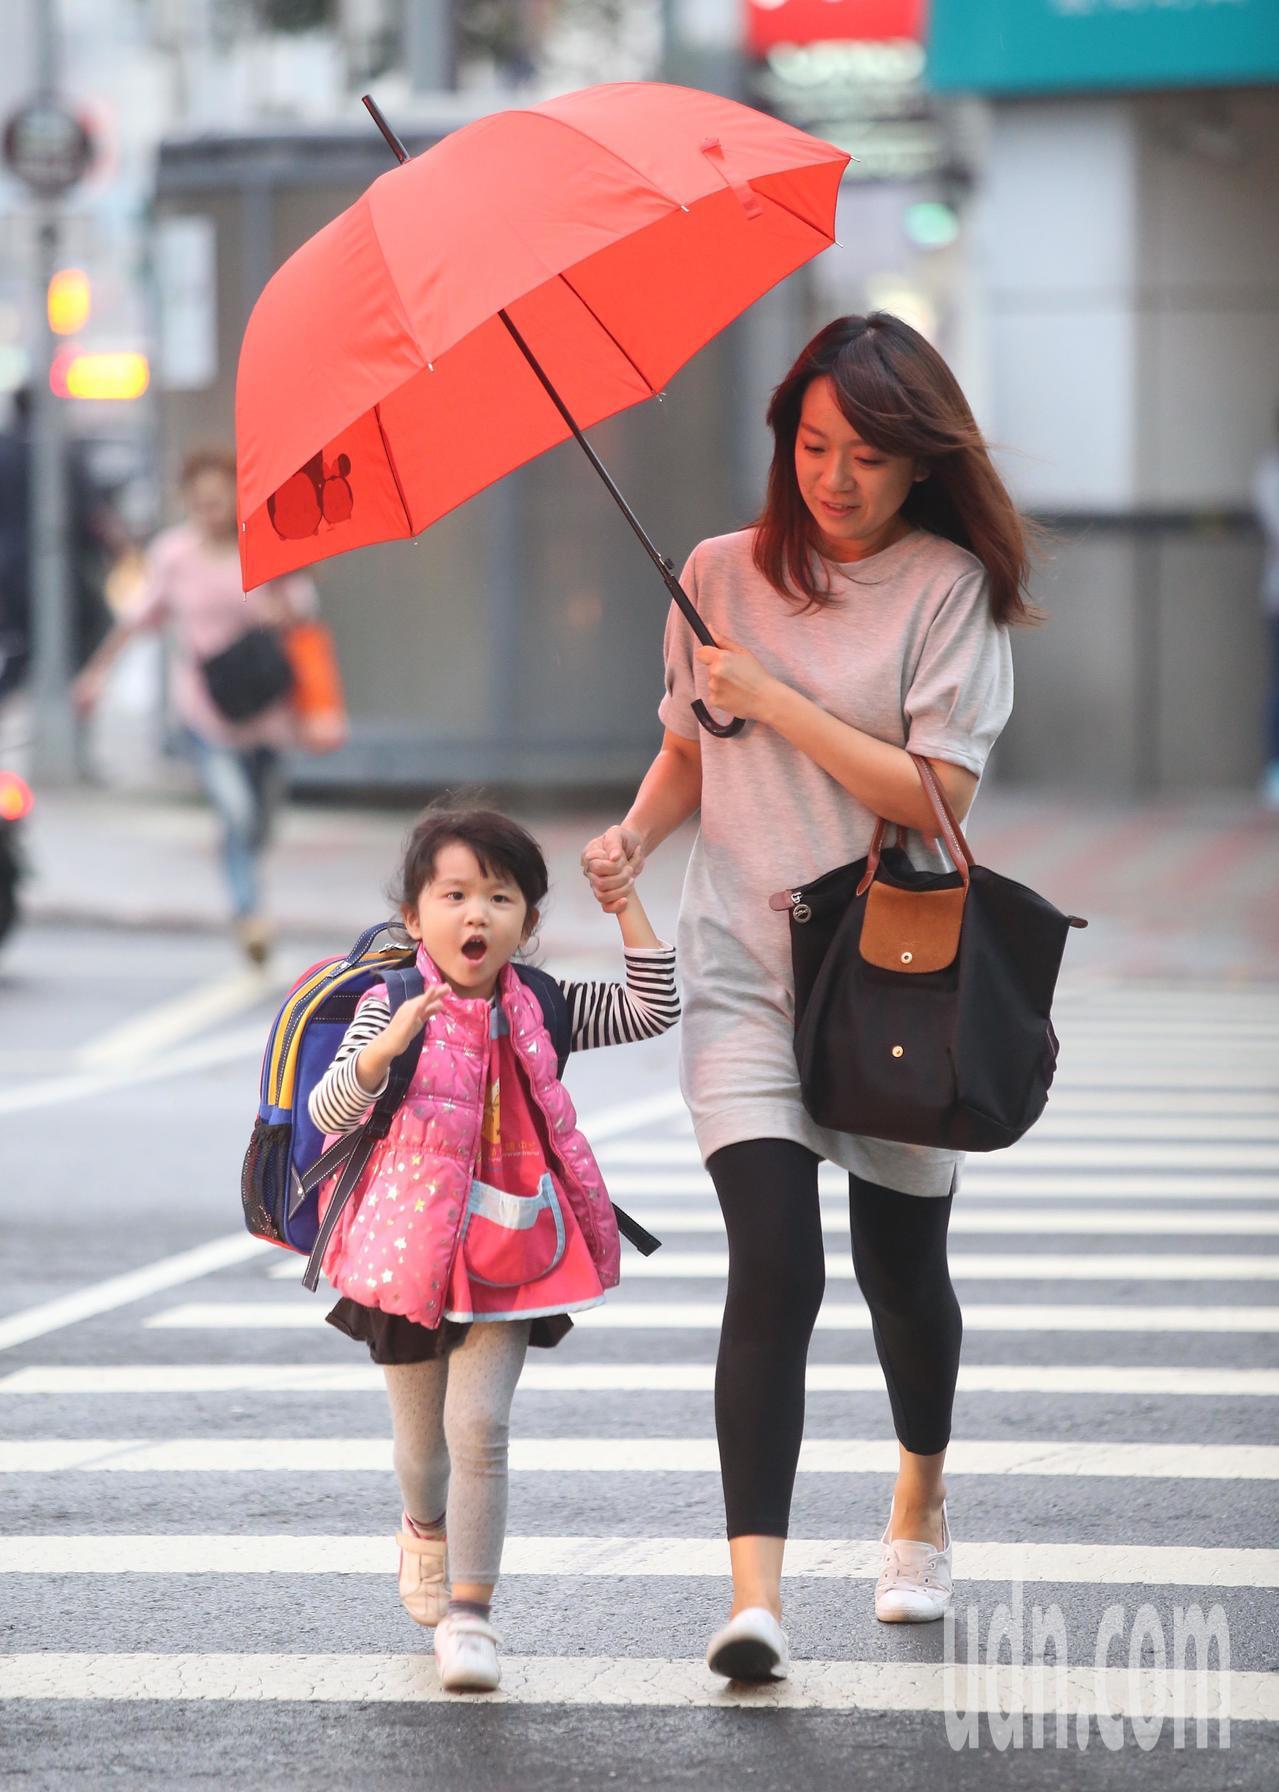 中央氣象局說,今天鋒面通過,隨後東北季風增強,加上海鷗颱風持續供應水氣,大氣環境...